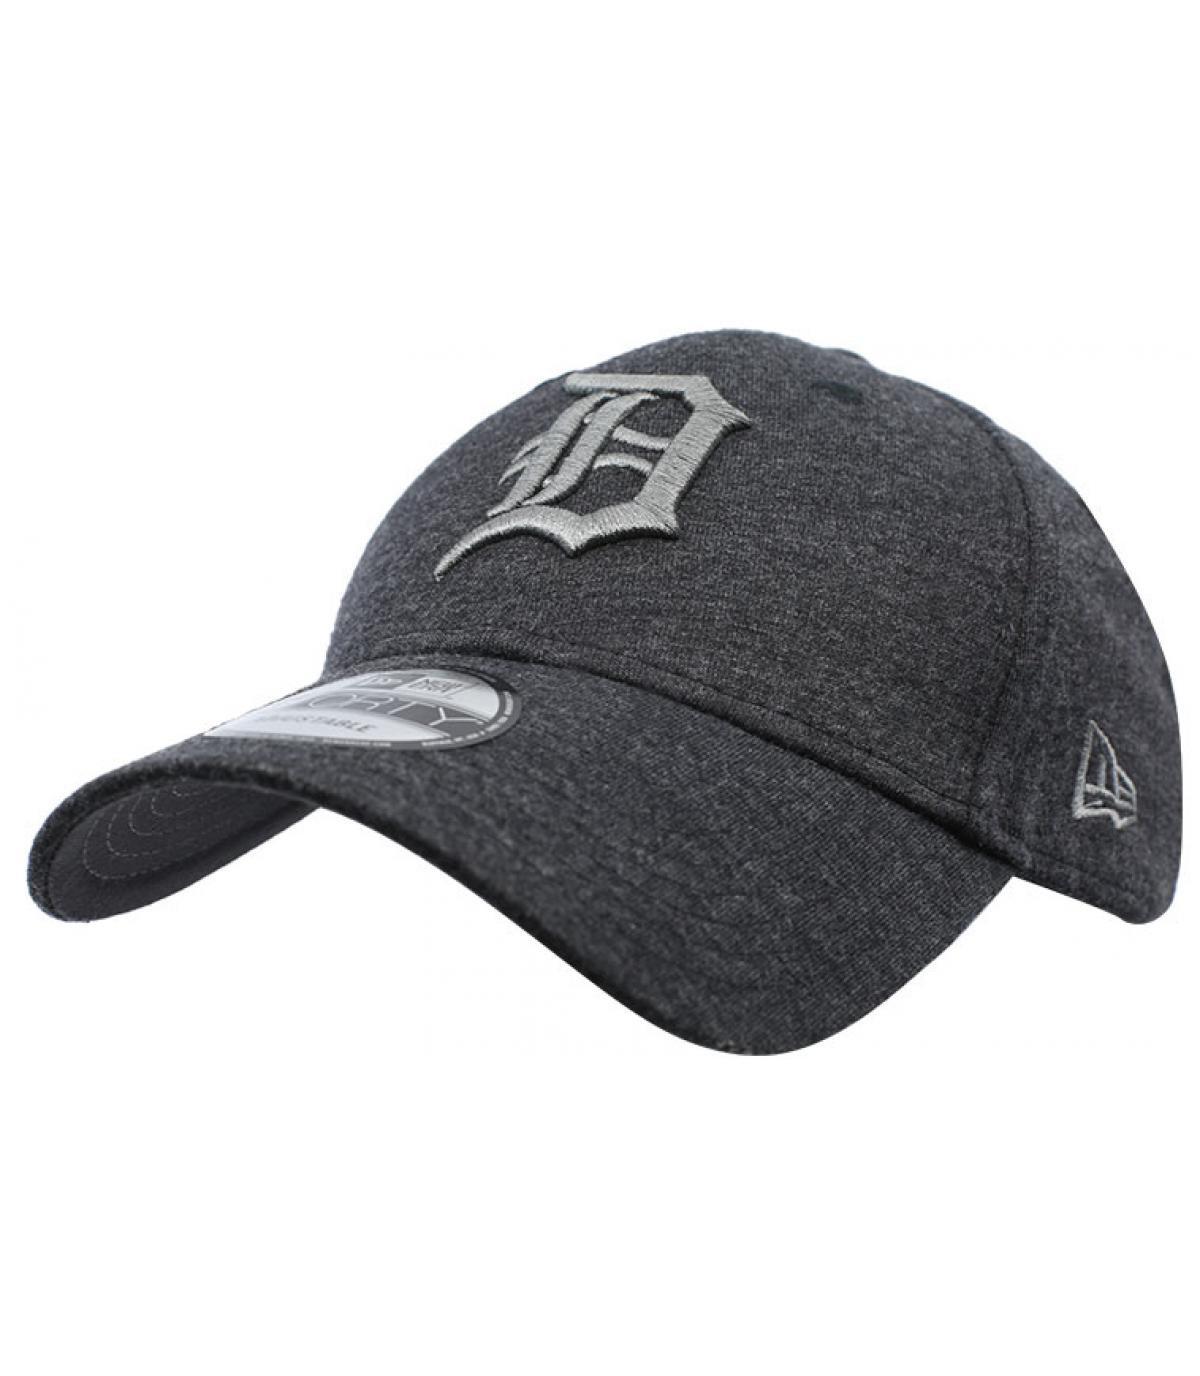 Details MLB Jersey Detroit graphite - afbeeling 2